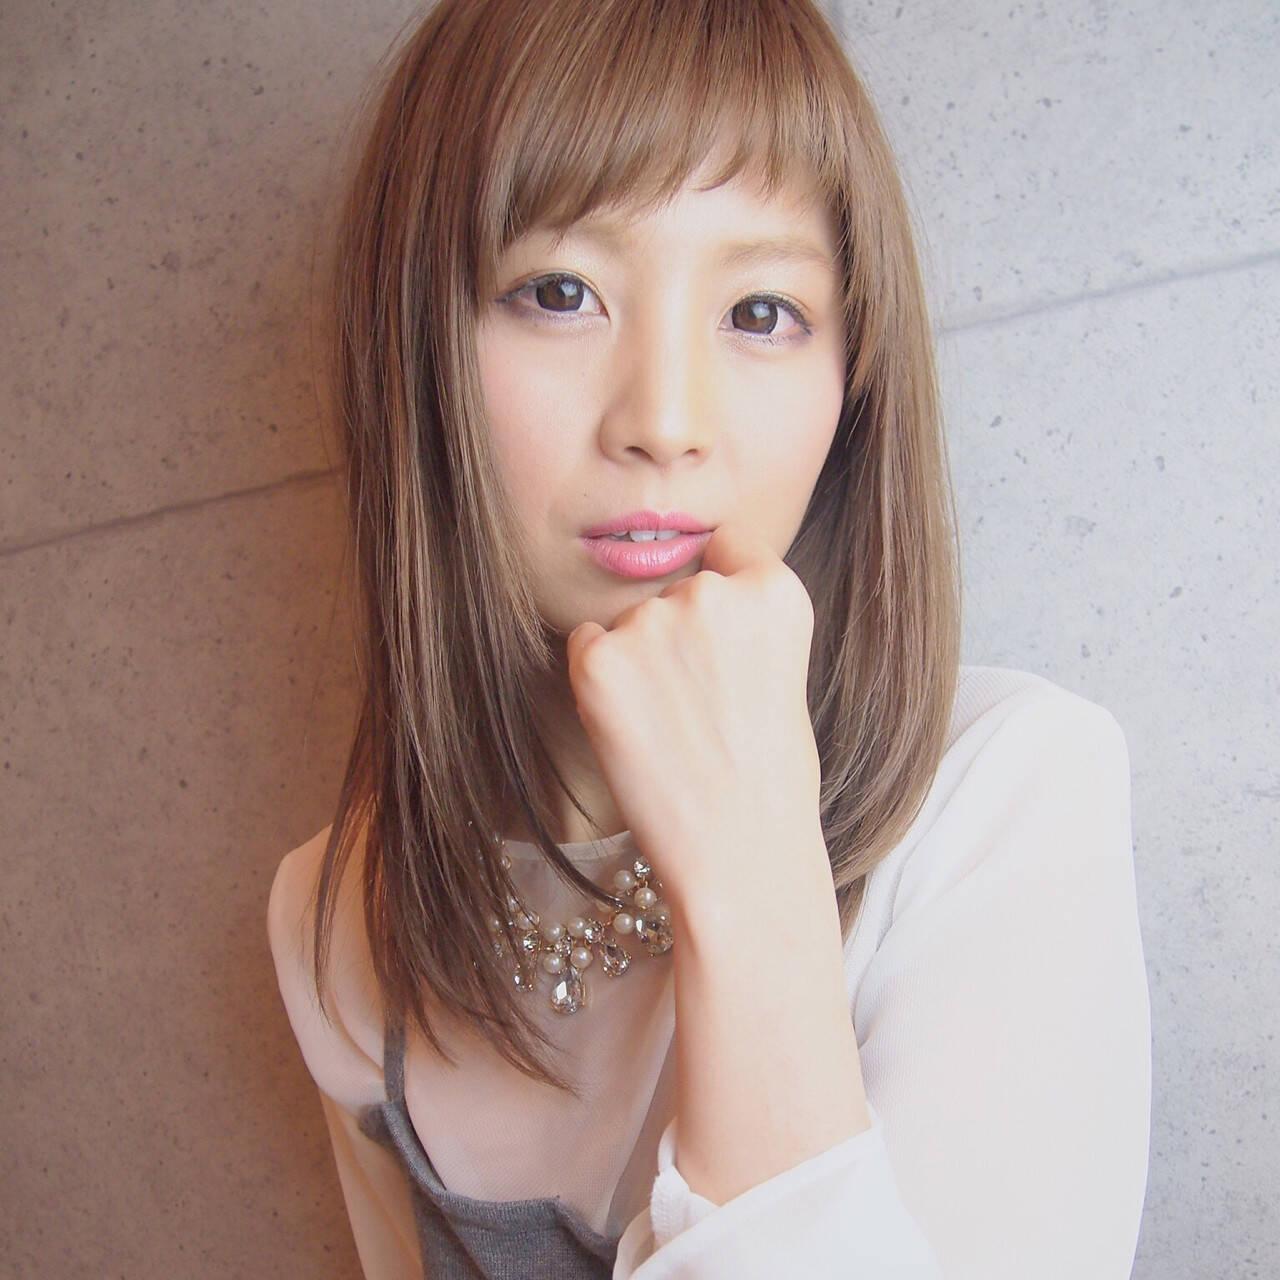 簡単ヘアアレンジ ストリート セミロング 前髪ありヘアスタイルや髪型の写真・画像